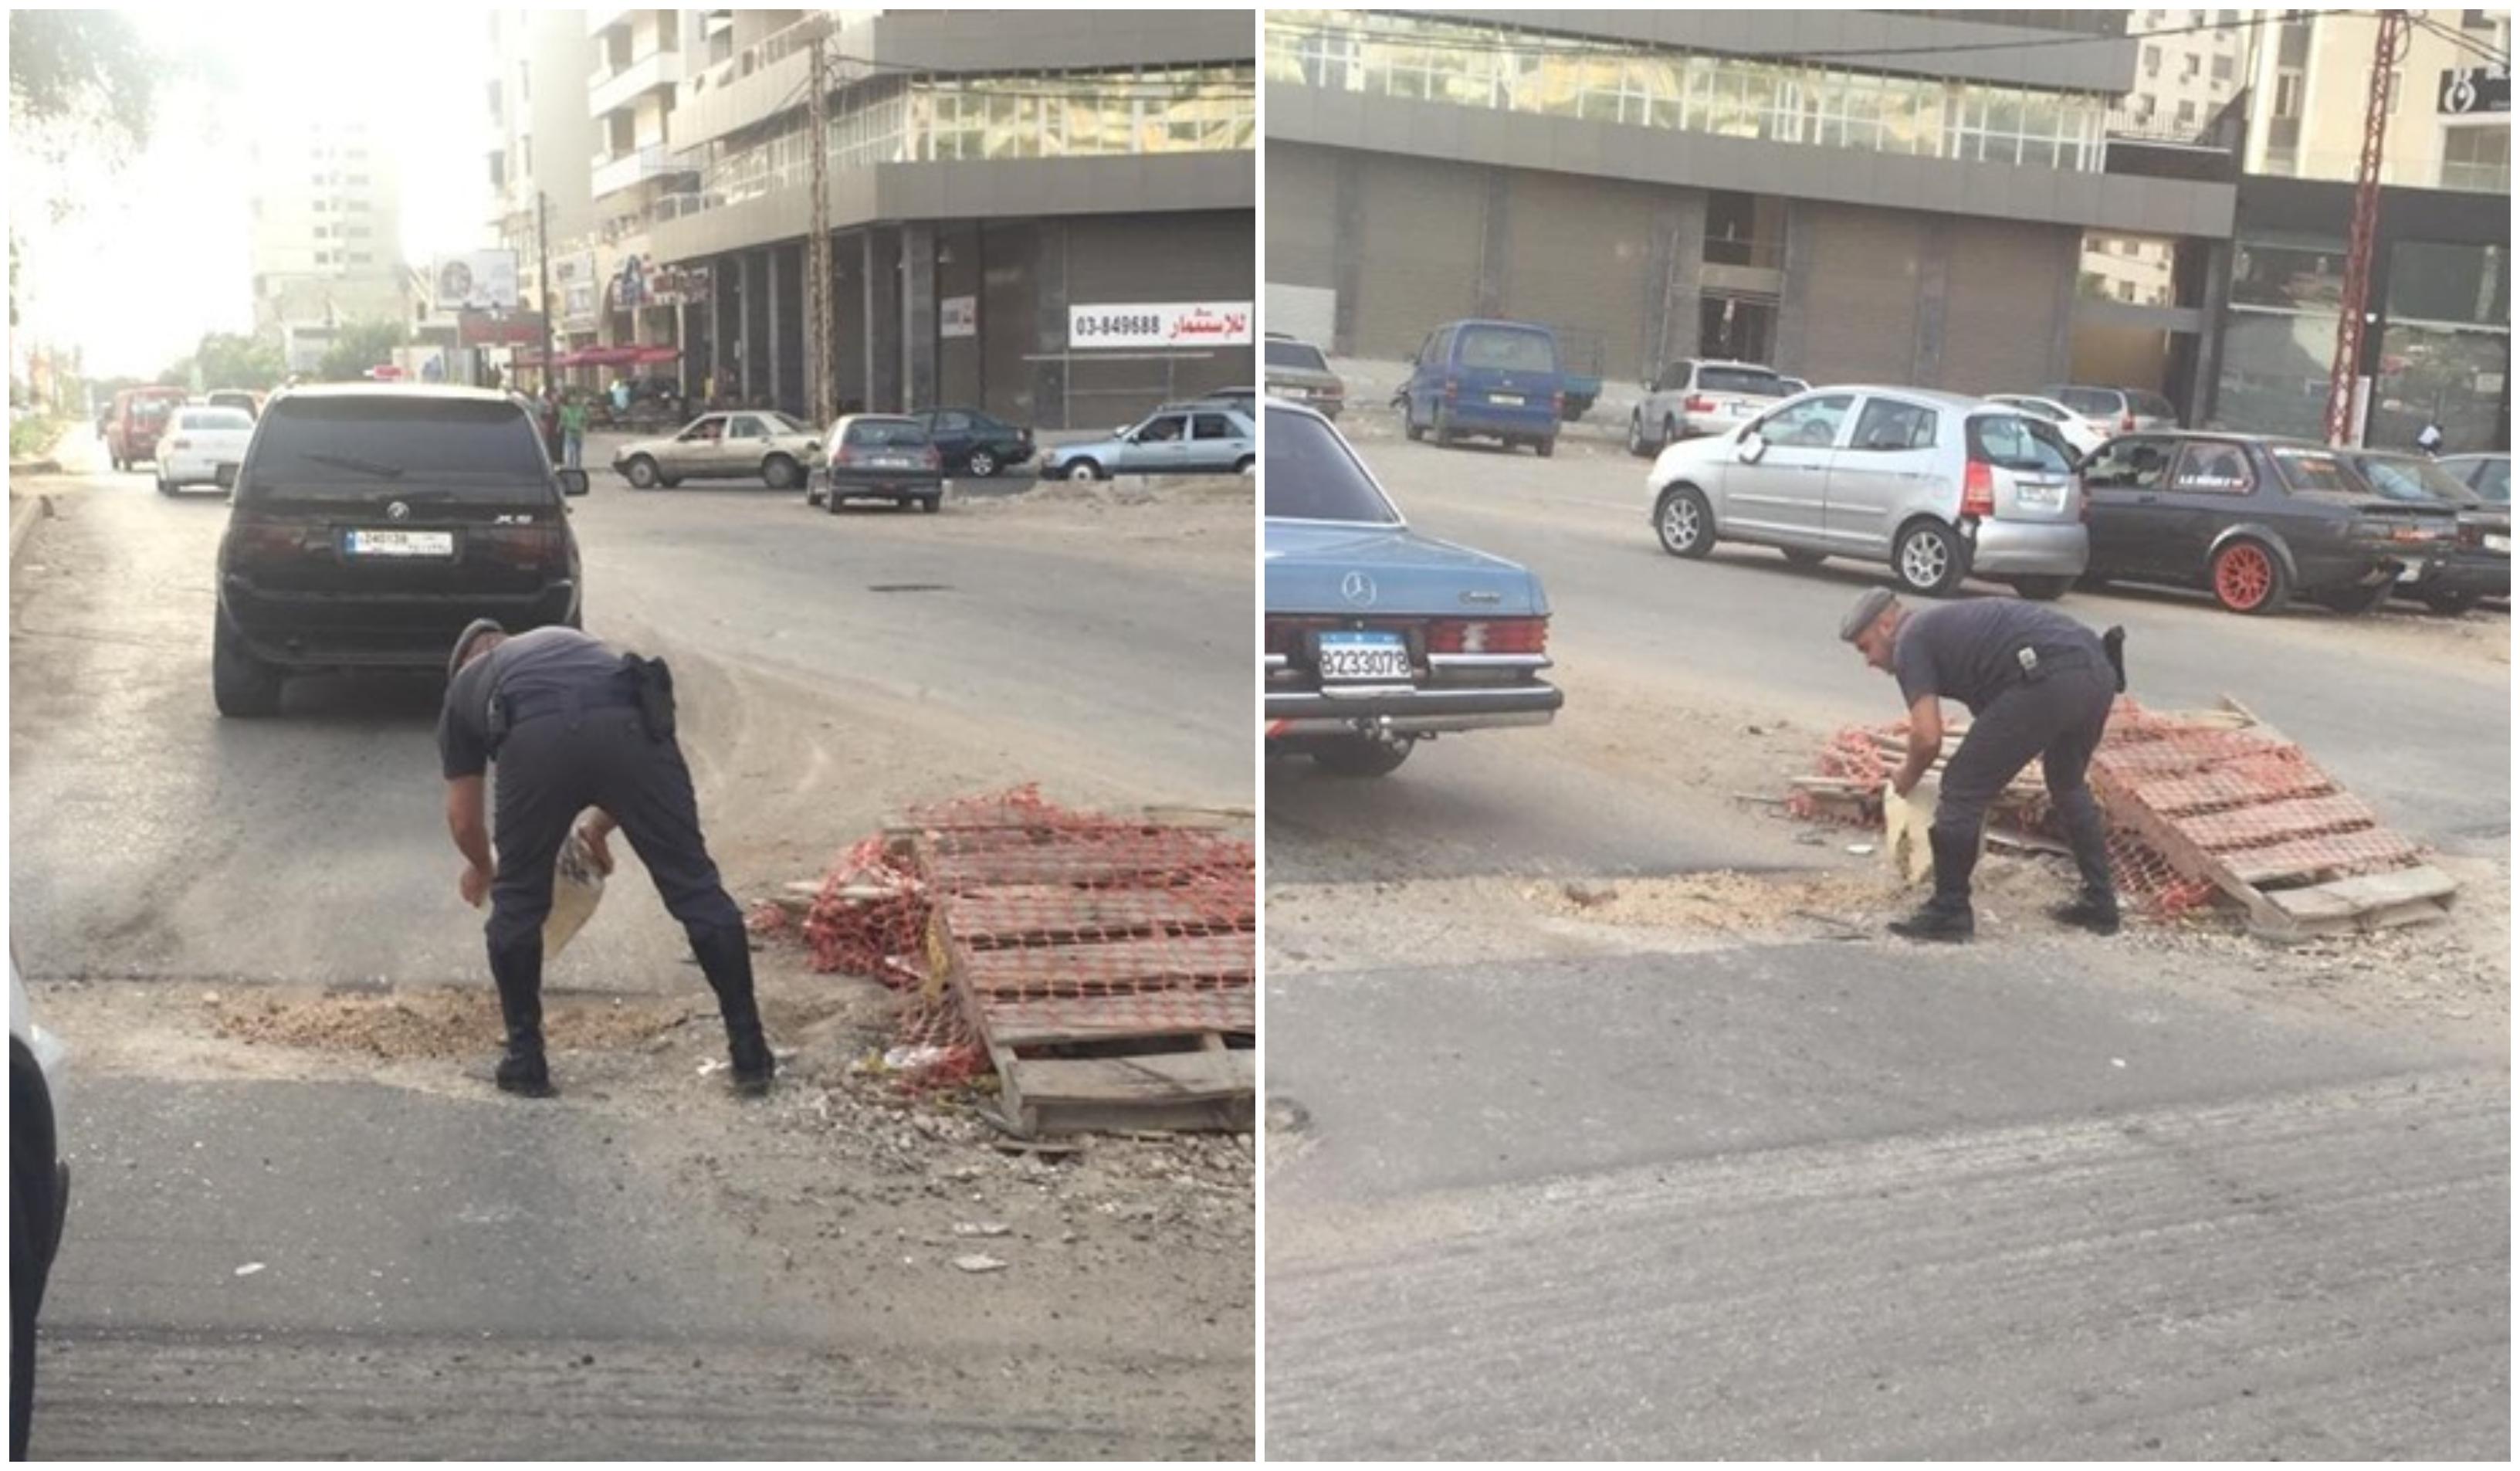 بالصور/ شرطي سير يساهم بتخفيف الحفر الموجودة على طريق البحصاص - طرابلس